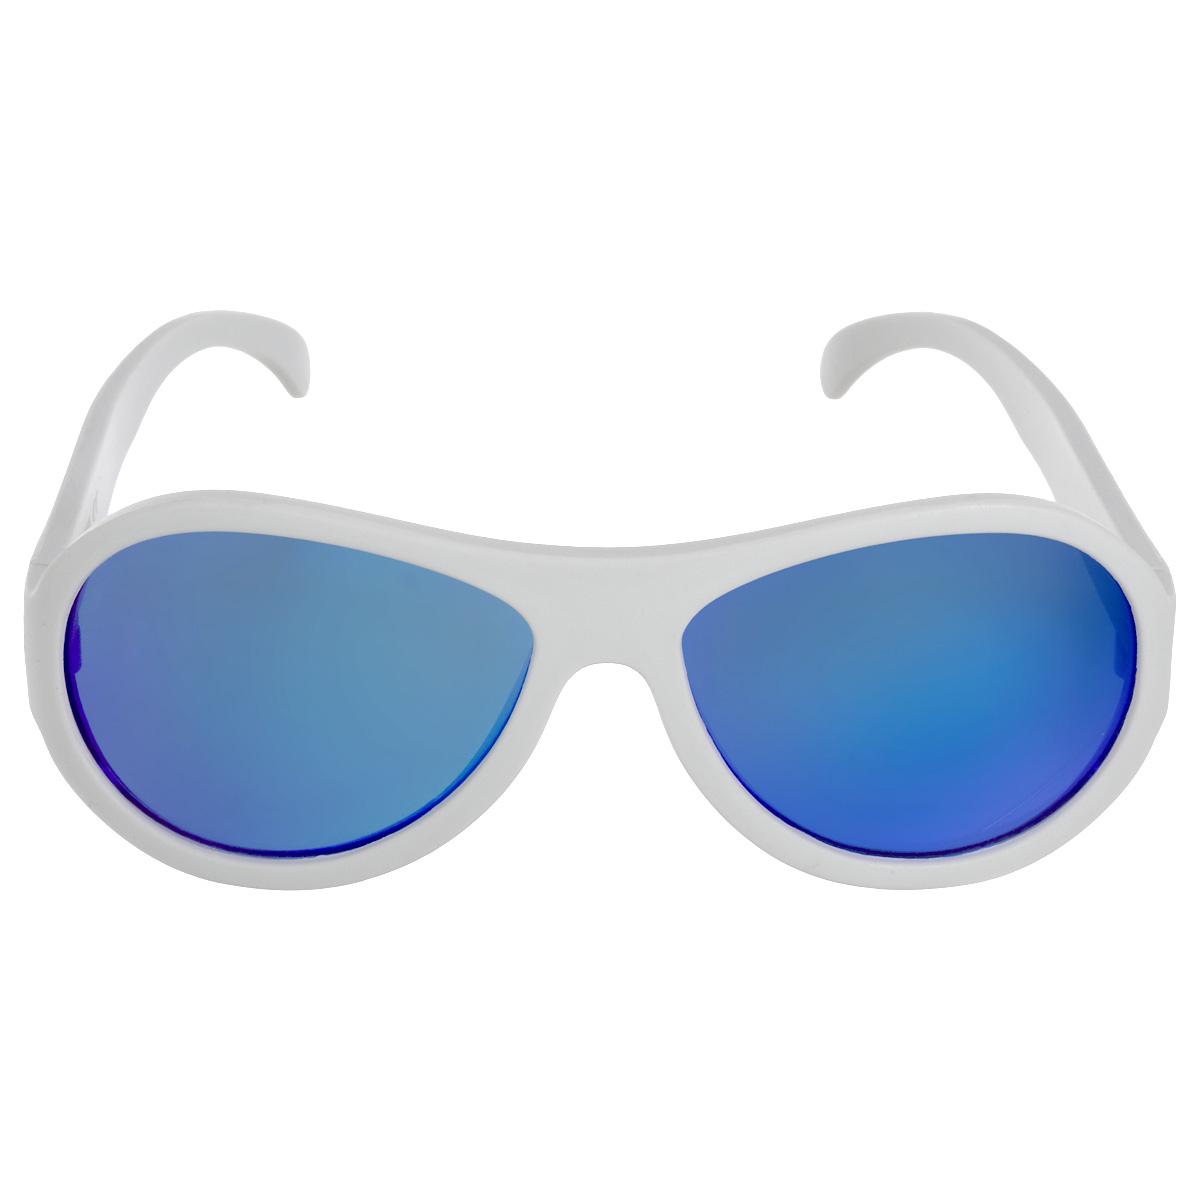 Детские солнцезащитные очки Babiators Шалун (Wicked), синие линзы, цвет: белый, 7-14 летACE-003Каждый ребёнок - это Ас! Будь классным. Будь собой. Будь асом. Для Babiators каждый подросток - это Ас. Поэтому они создали очки Aces для всех детей в возрасте от 7-14 такими, чтобы те могли выразить свой крутой стиль всюду, куда бы ни пошли. Вы делаете все возможное, чтобы ваши дети были здоровы и в безопасности. Шлемы для езды на велосипеде, солнцезащитный крем для прогулок на солнце... Но как насчёт влияния солнца на глазах вашего ребёнка? Правда в том, что сетчатка глаза у детей развивается вместе с самим ребёнком. Это означает, что глаза малышей не могут отфильтровать УФ-излучение. Проблема понятна - детям нужна настоящая защита, чтобы глазки были в безопасности, а зрение сильным. Каждая пара солнцезащитных очков Babiators для детей обеспечивает 100% защиту от UVA и UVB. Прочные линзы высшего качества не подведут в самых сложных переделках. В отличие от обычных пластиковых очков, оправа Babiators выполнена из гибкого прорезиненного материала, что делает их...